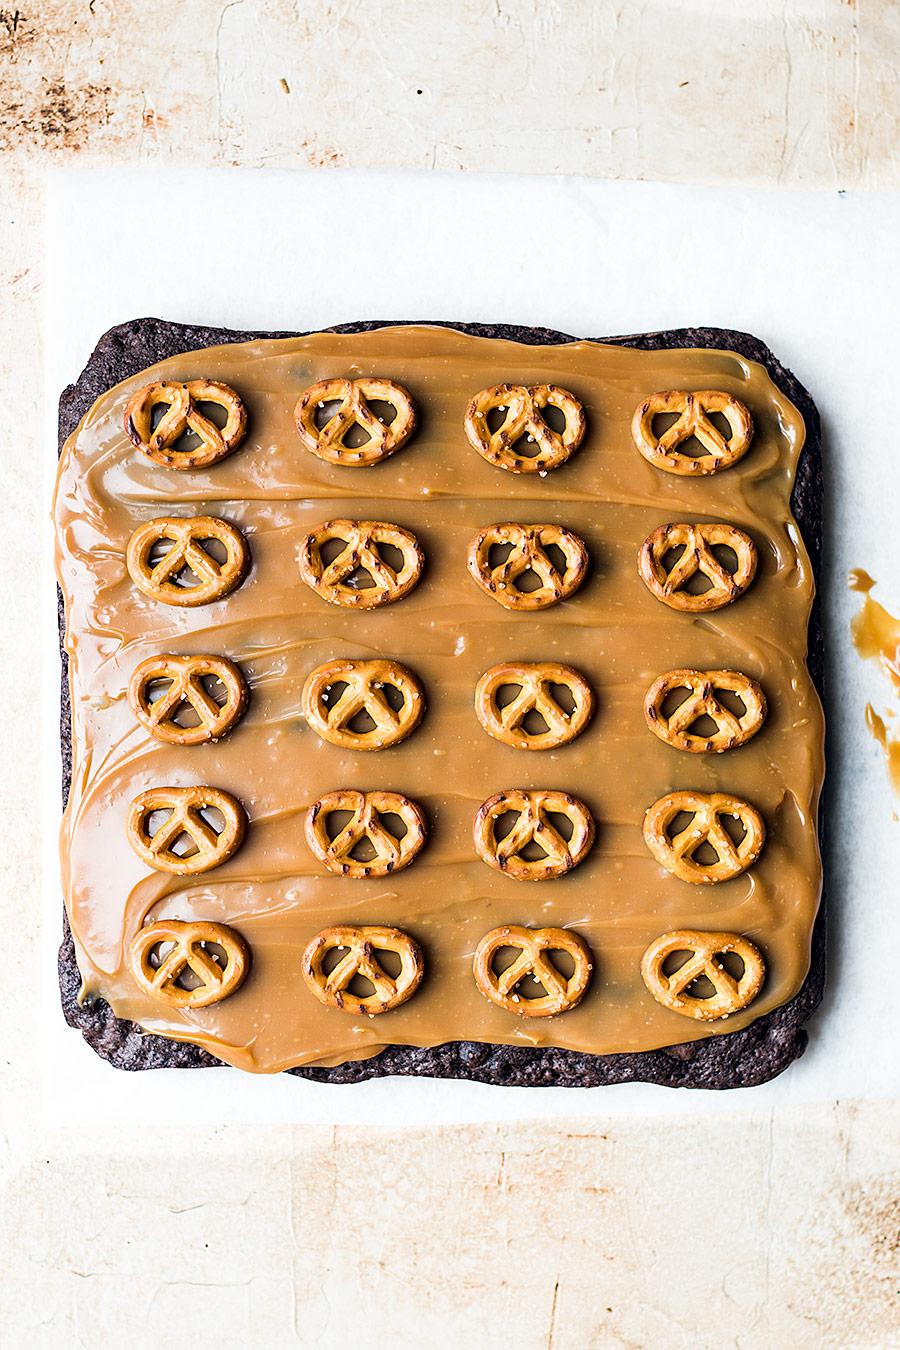 Pretzel caramel pecan brownies by Laura Domingo.jpg